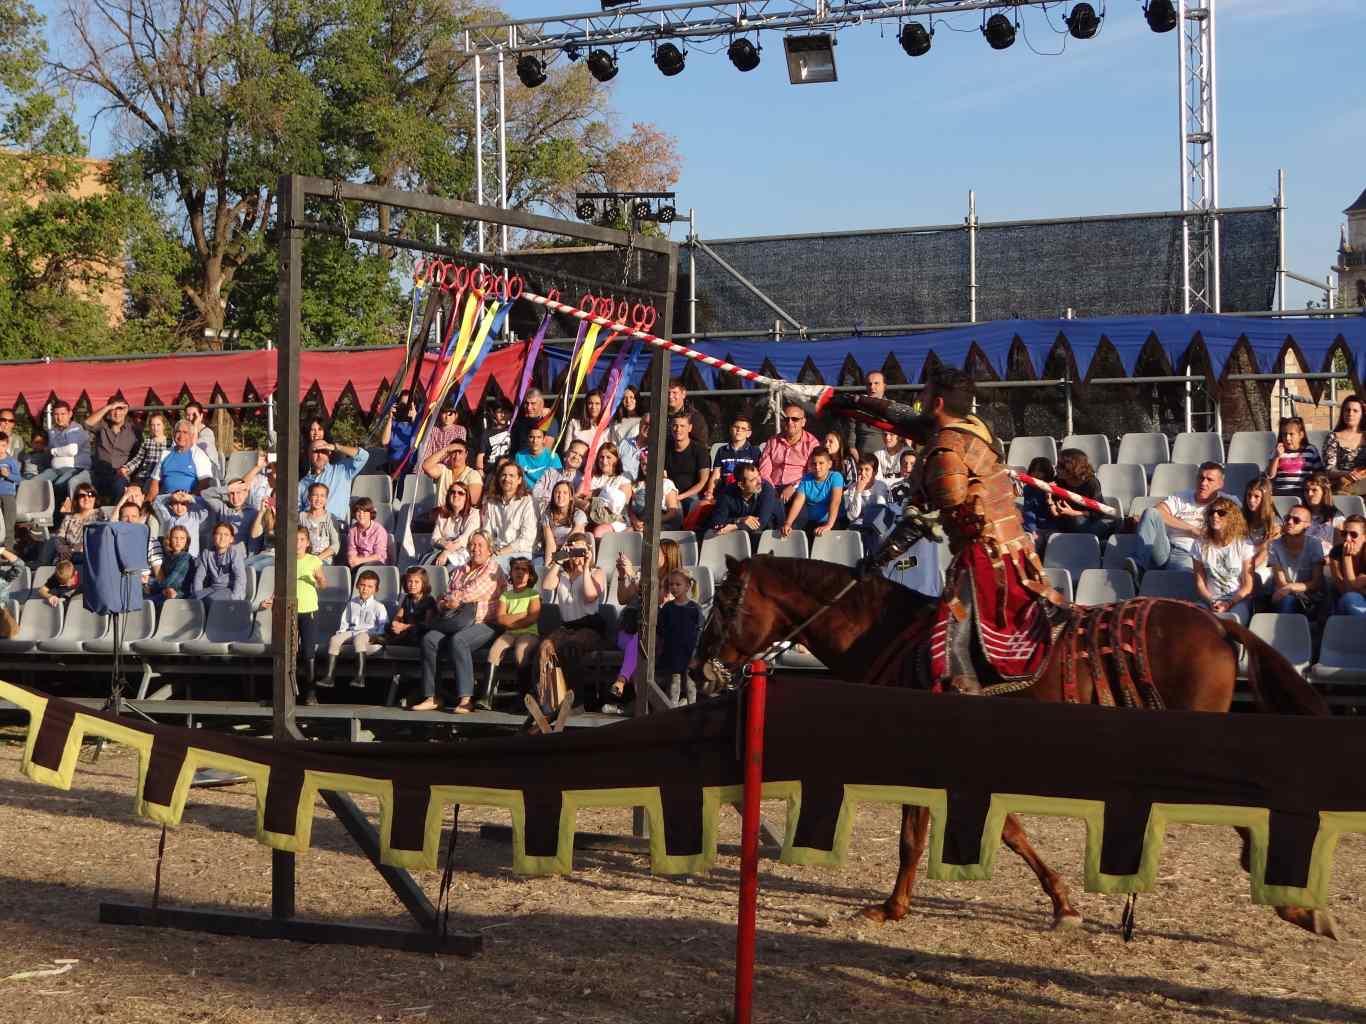 Mercado Medieval 2015 - Día 2 - 9 de octubre - 1366 (309)